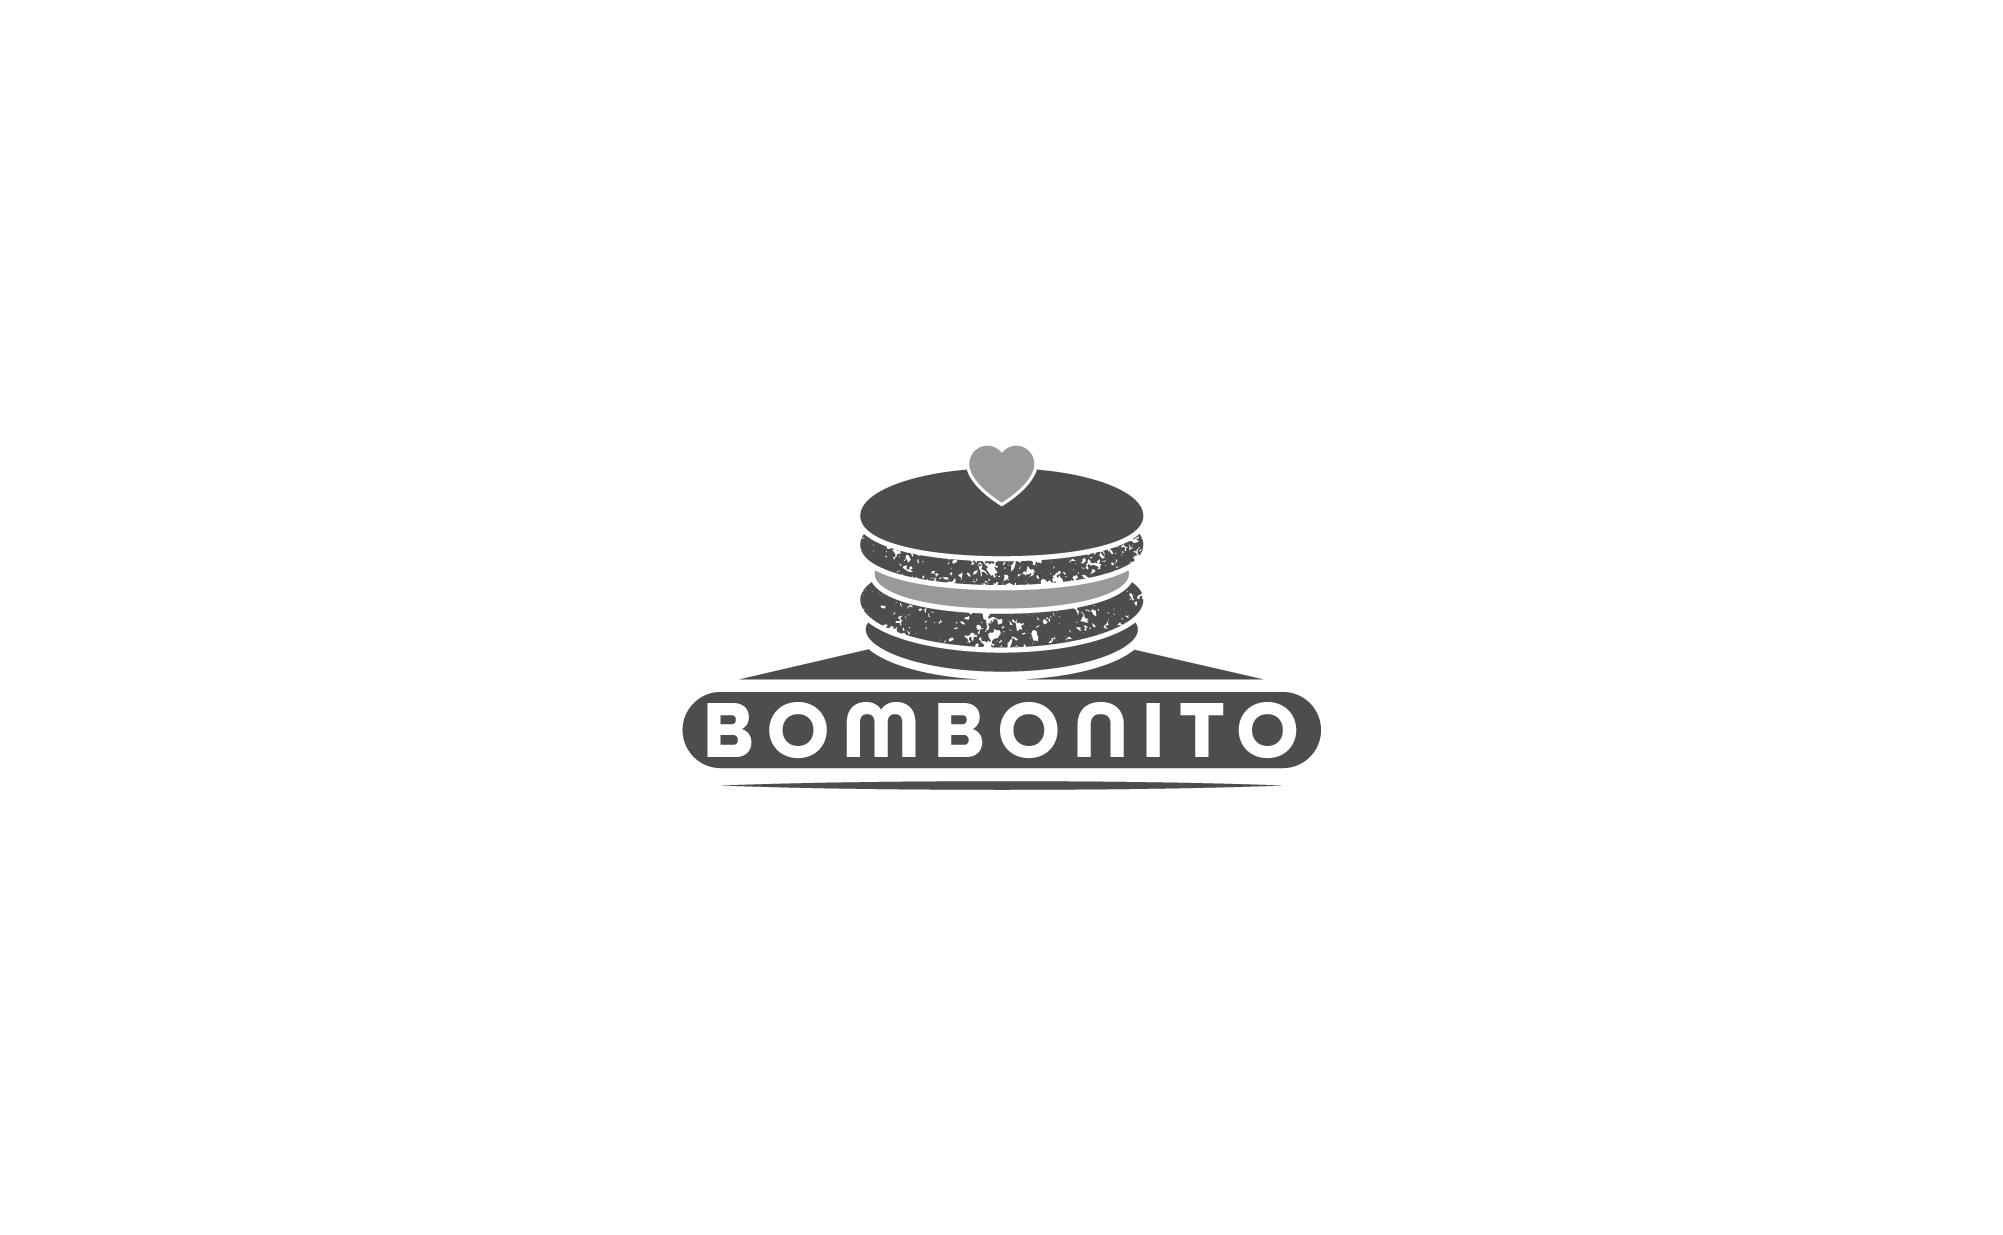 projekt logo BOMBONITO-04